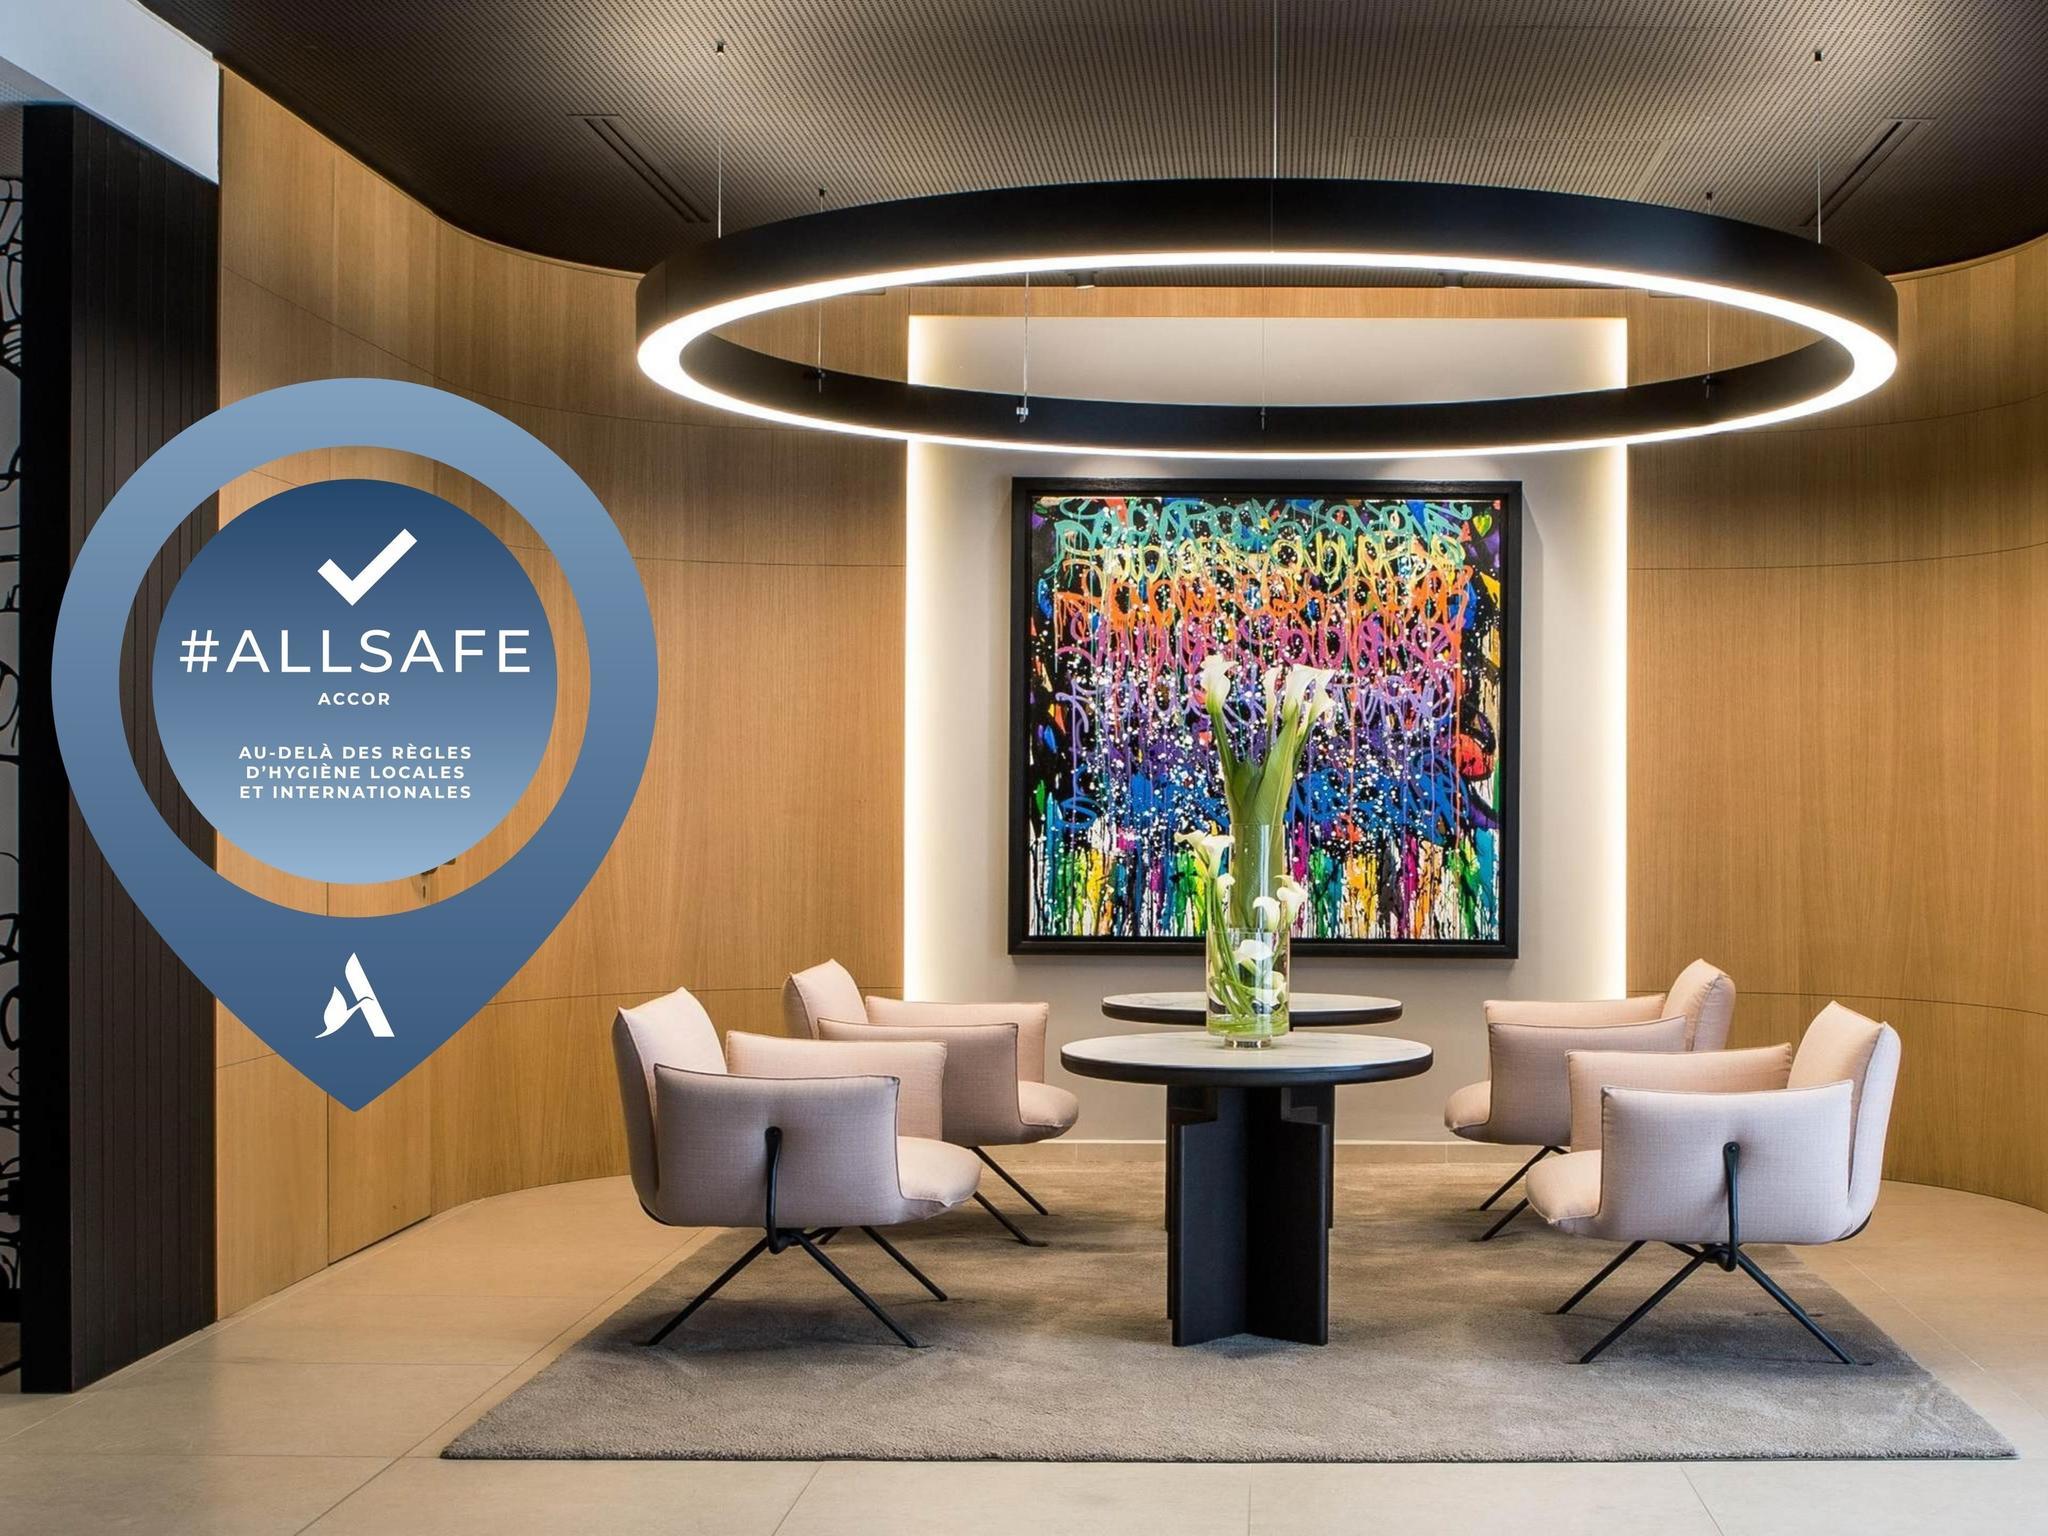 Hotel – Mercure Paris 17 Batignolles (apertura maggio 2018)